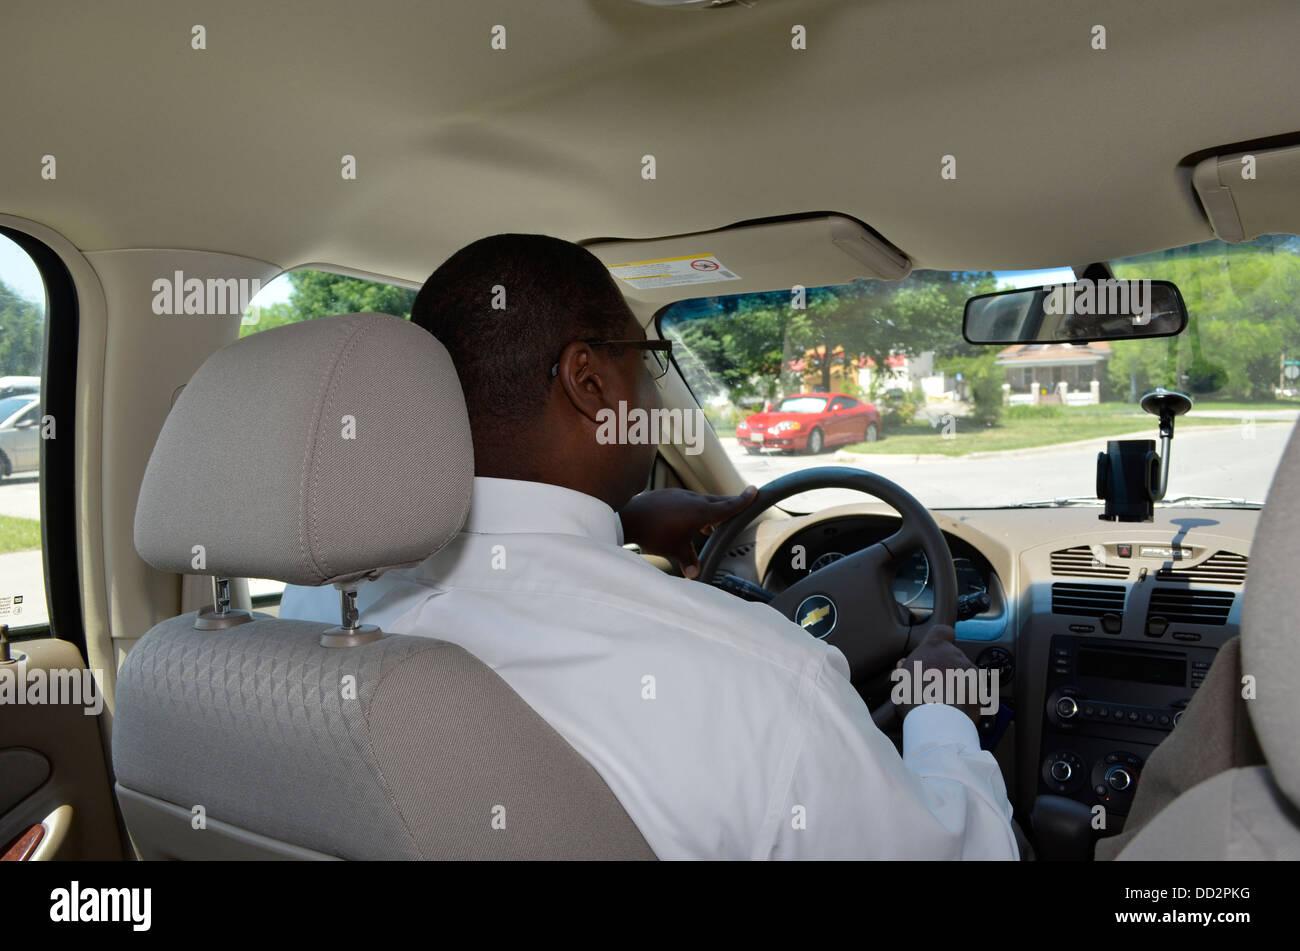 Zwei männliche Bewährungshelfer im Fahrzeug auf dem Weg zu einen Jugendstraftäter an seinem Arbeitsplatz Stockbild